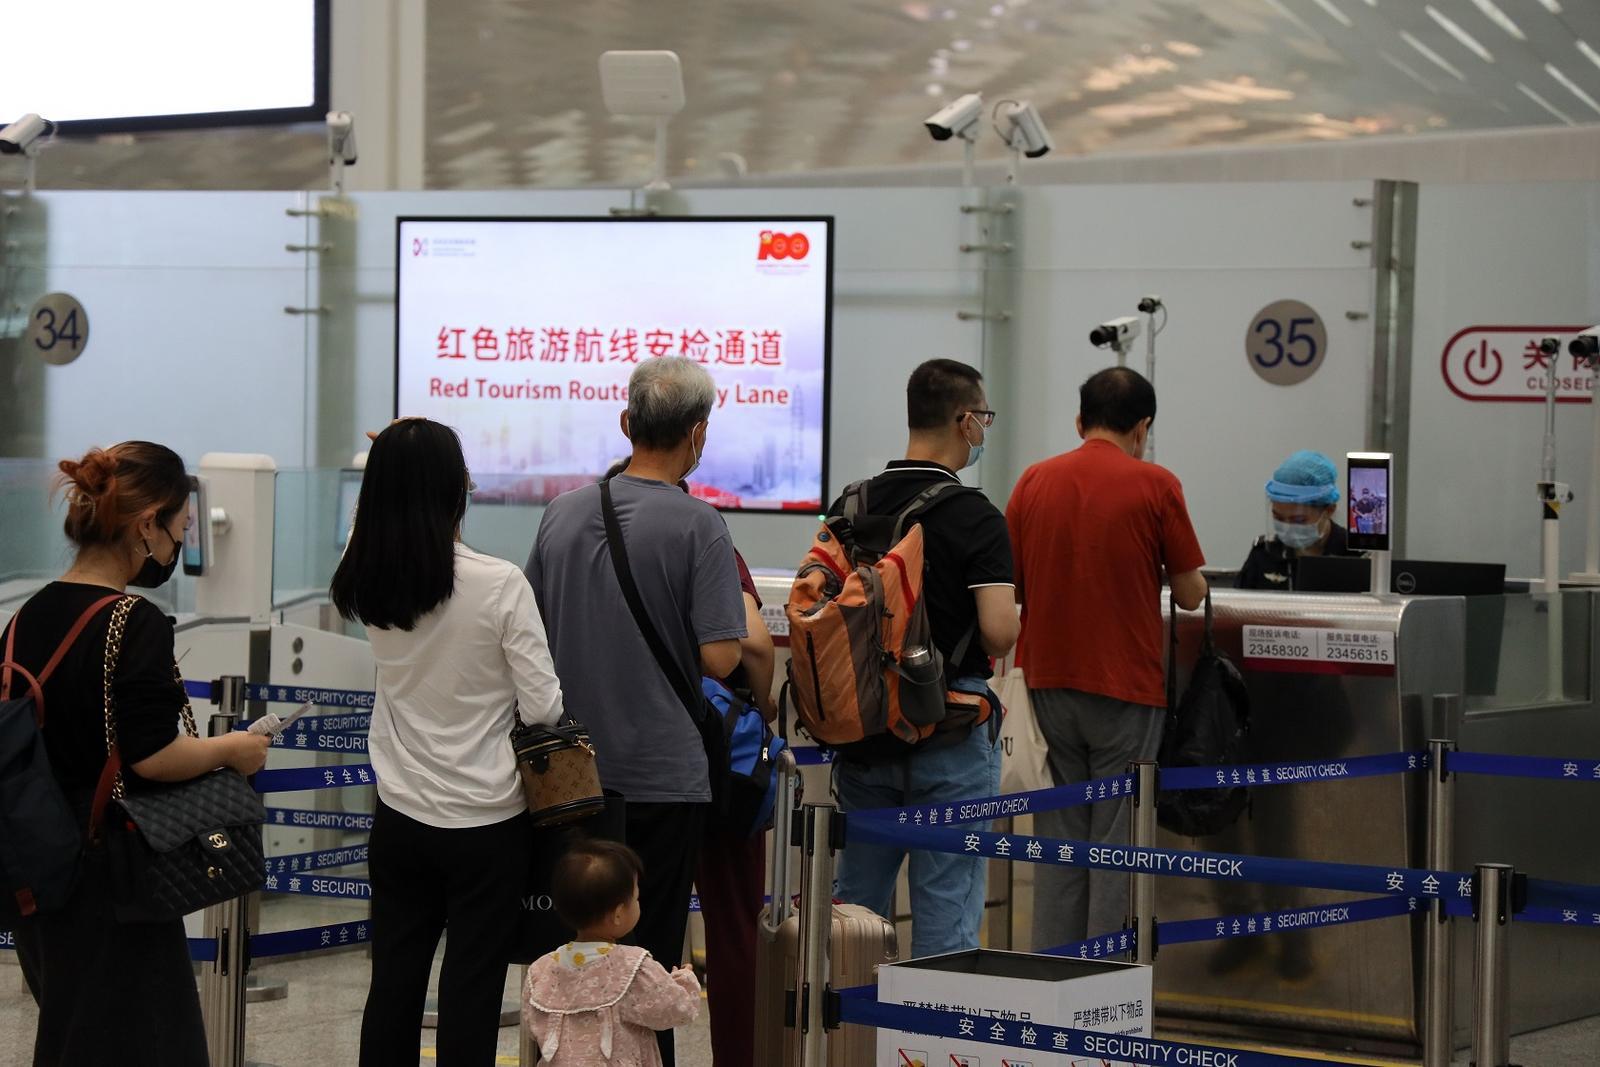 深圳机场:红色旅游航线航班超300班/周,旅客在机场可享